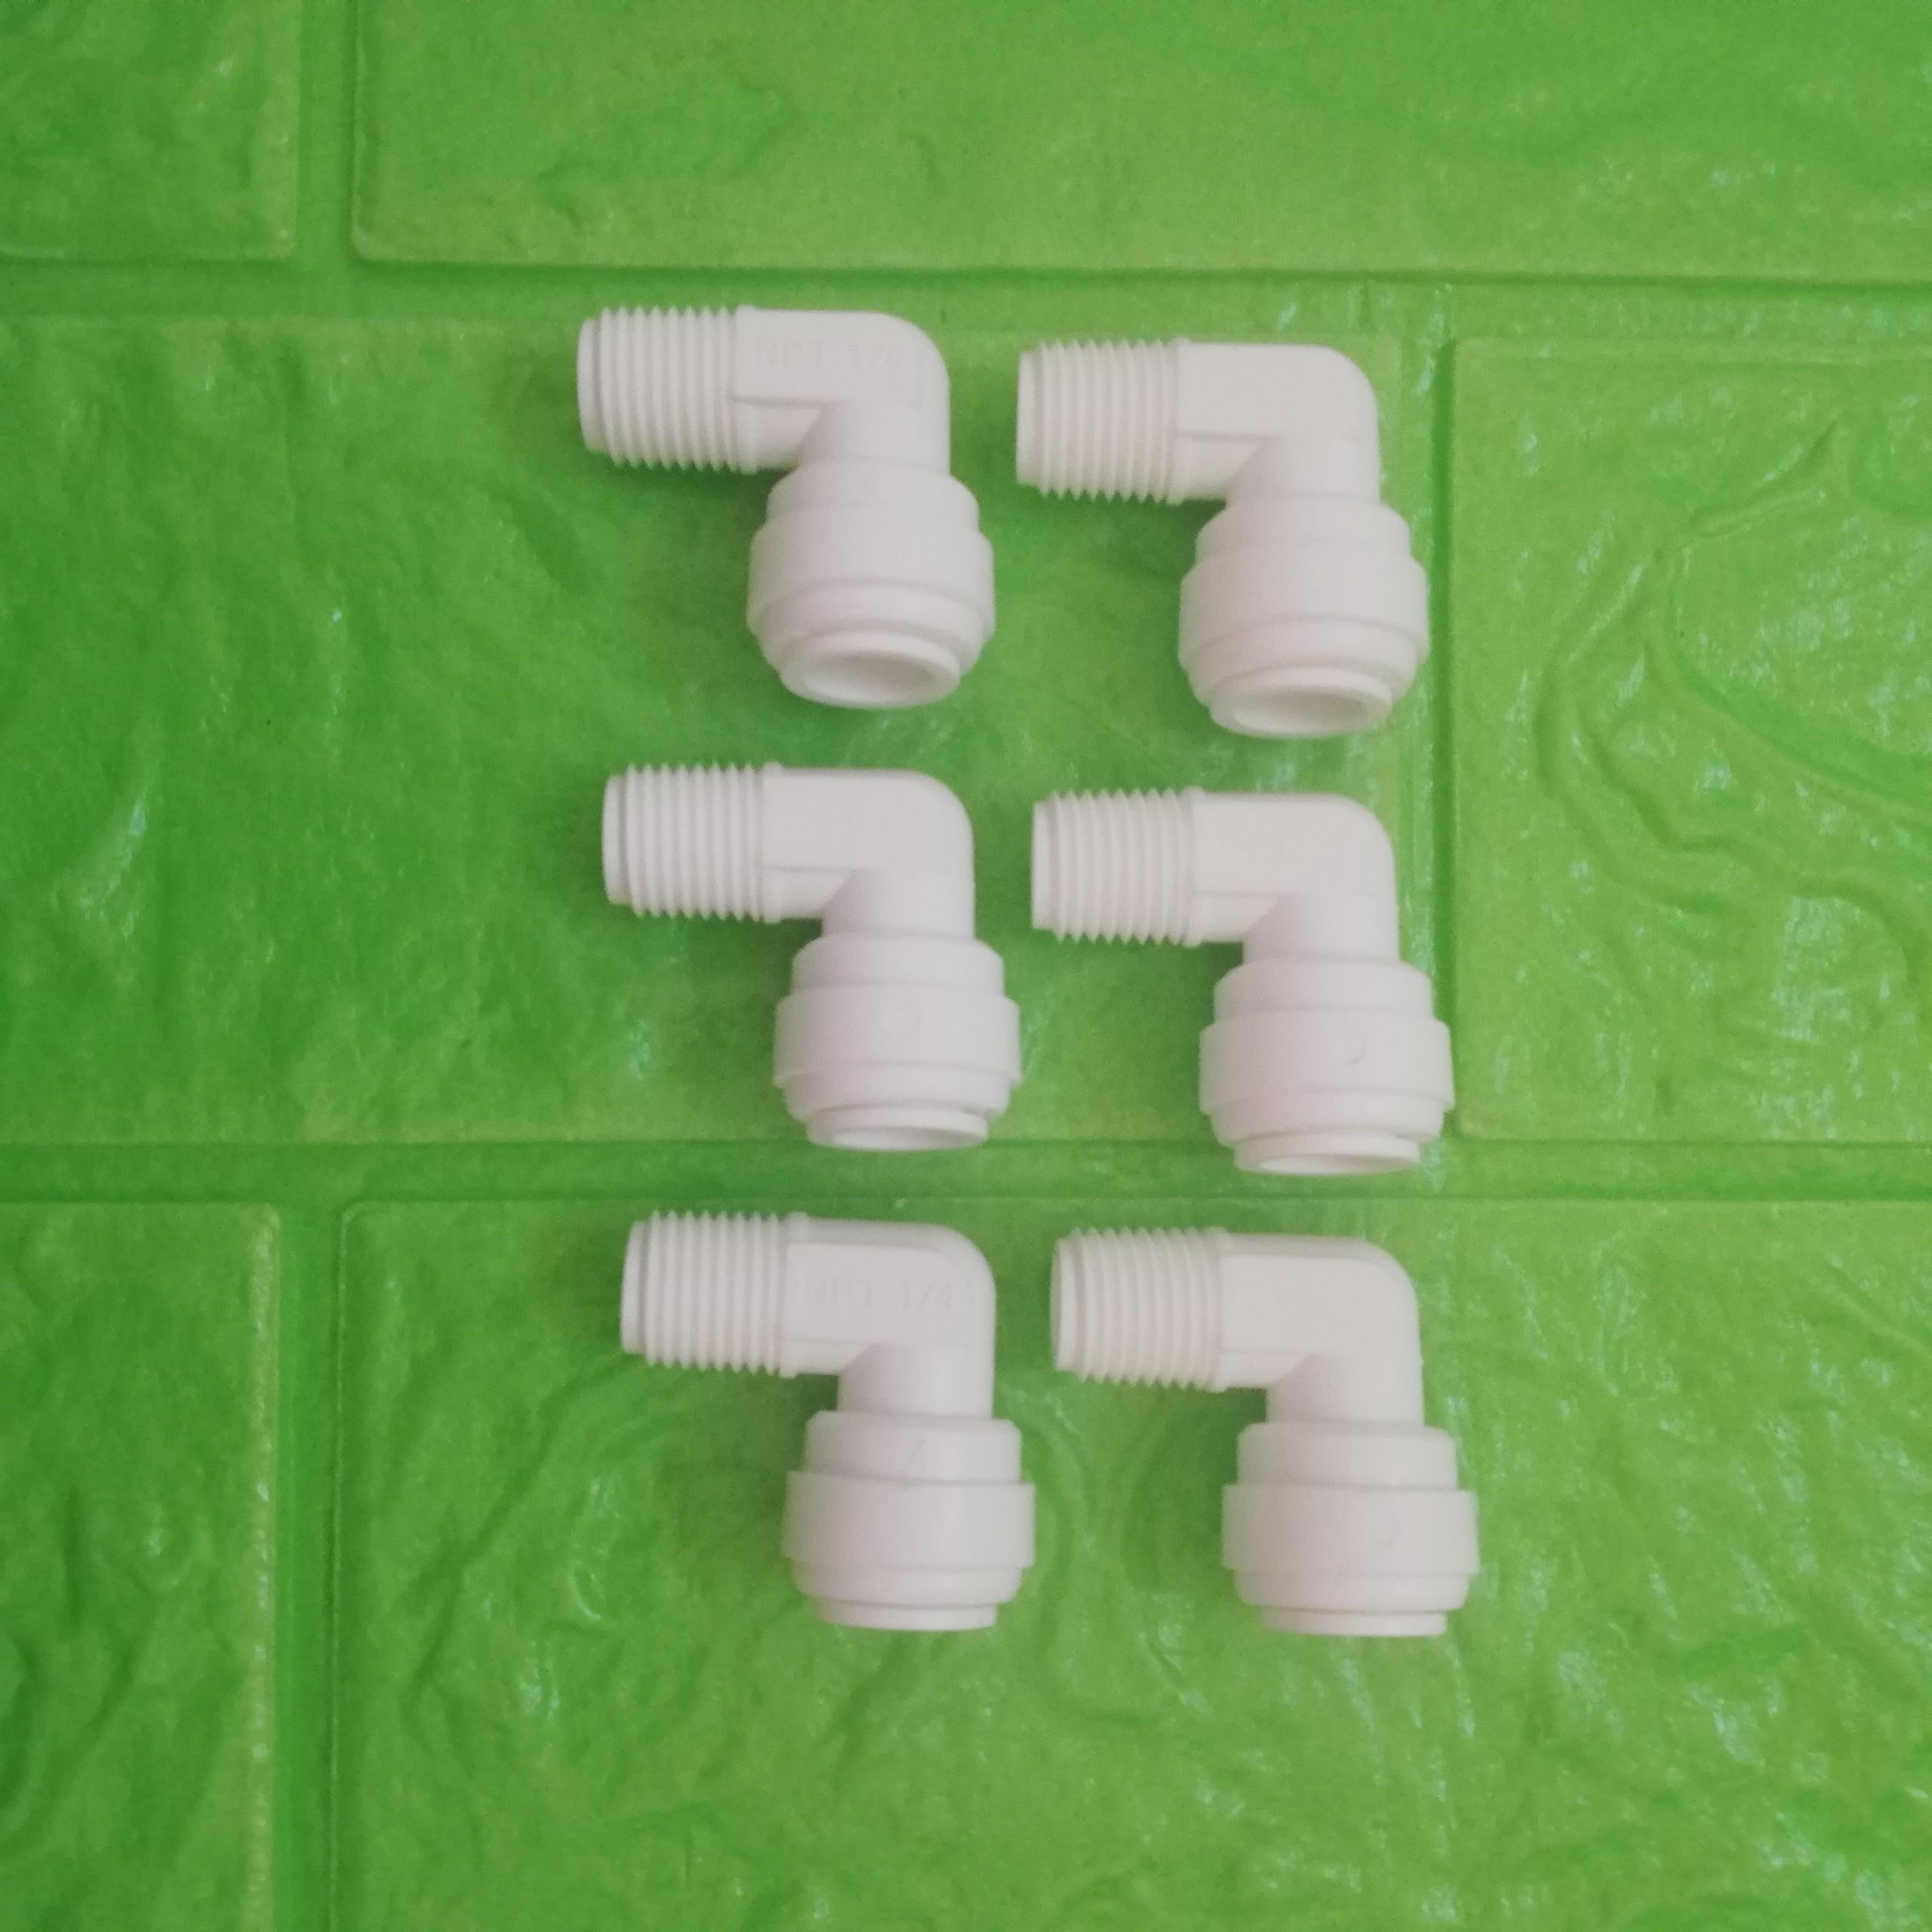 Combo 6 cút nối nhanh máy lọc nước ren 13 ra dây 10 - Hàng chính hãng